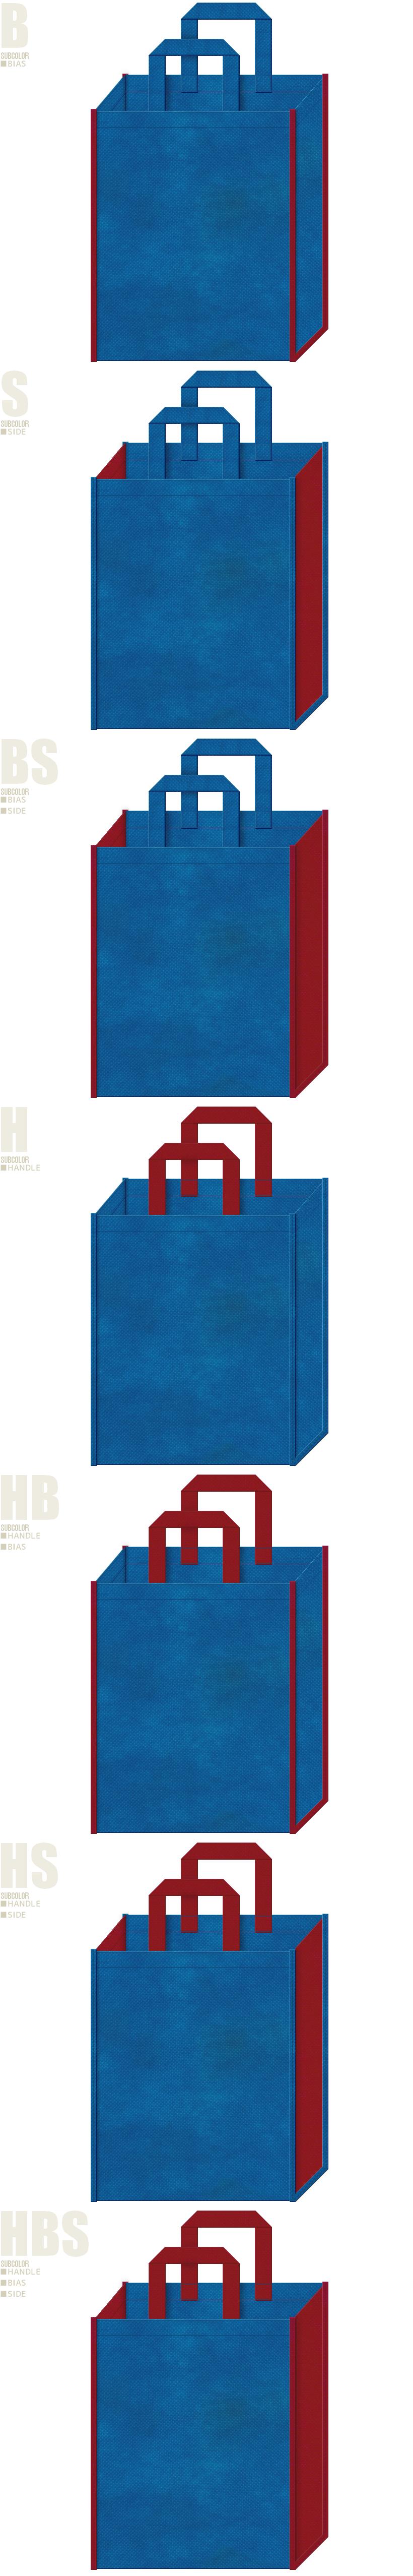 青色とエンジ色-7パターンの不織布トートバッグ配色デザイン例